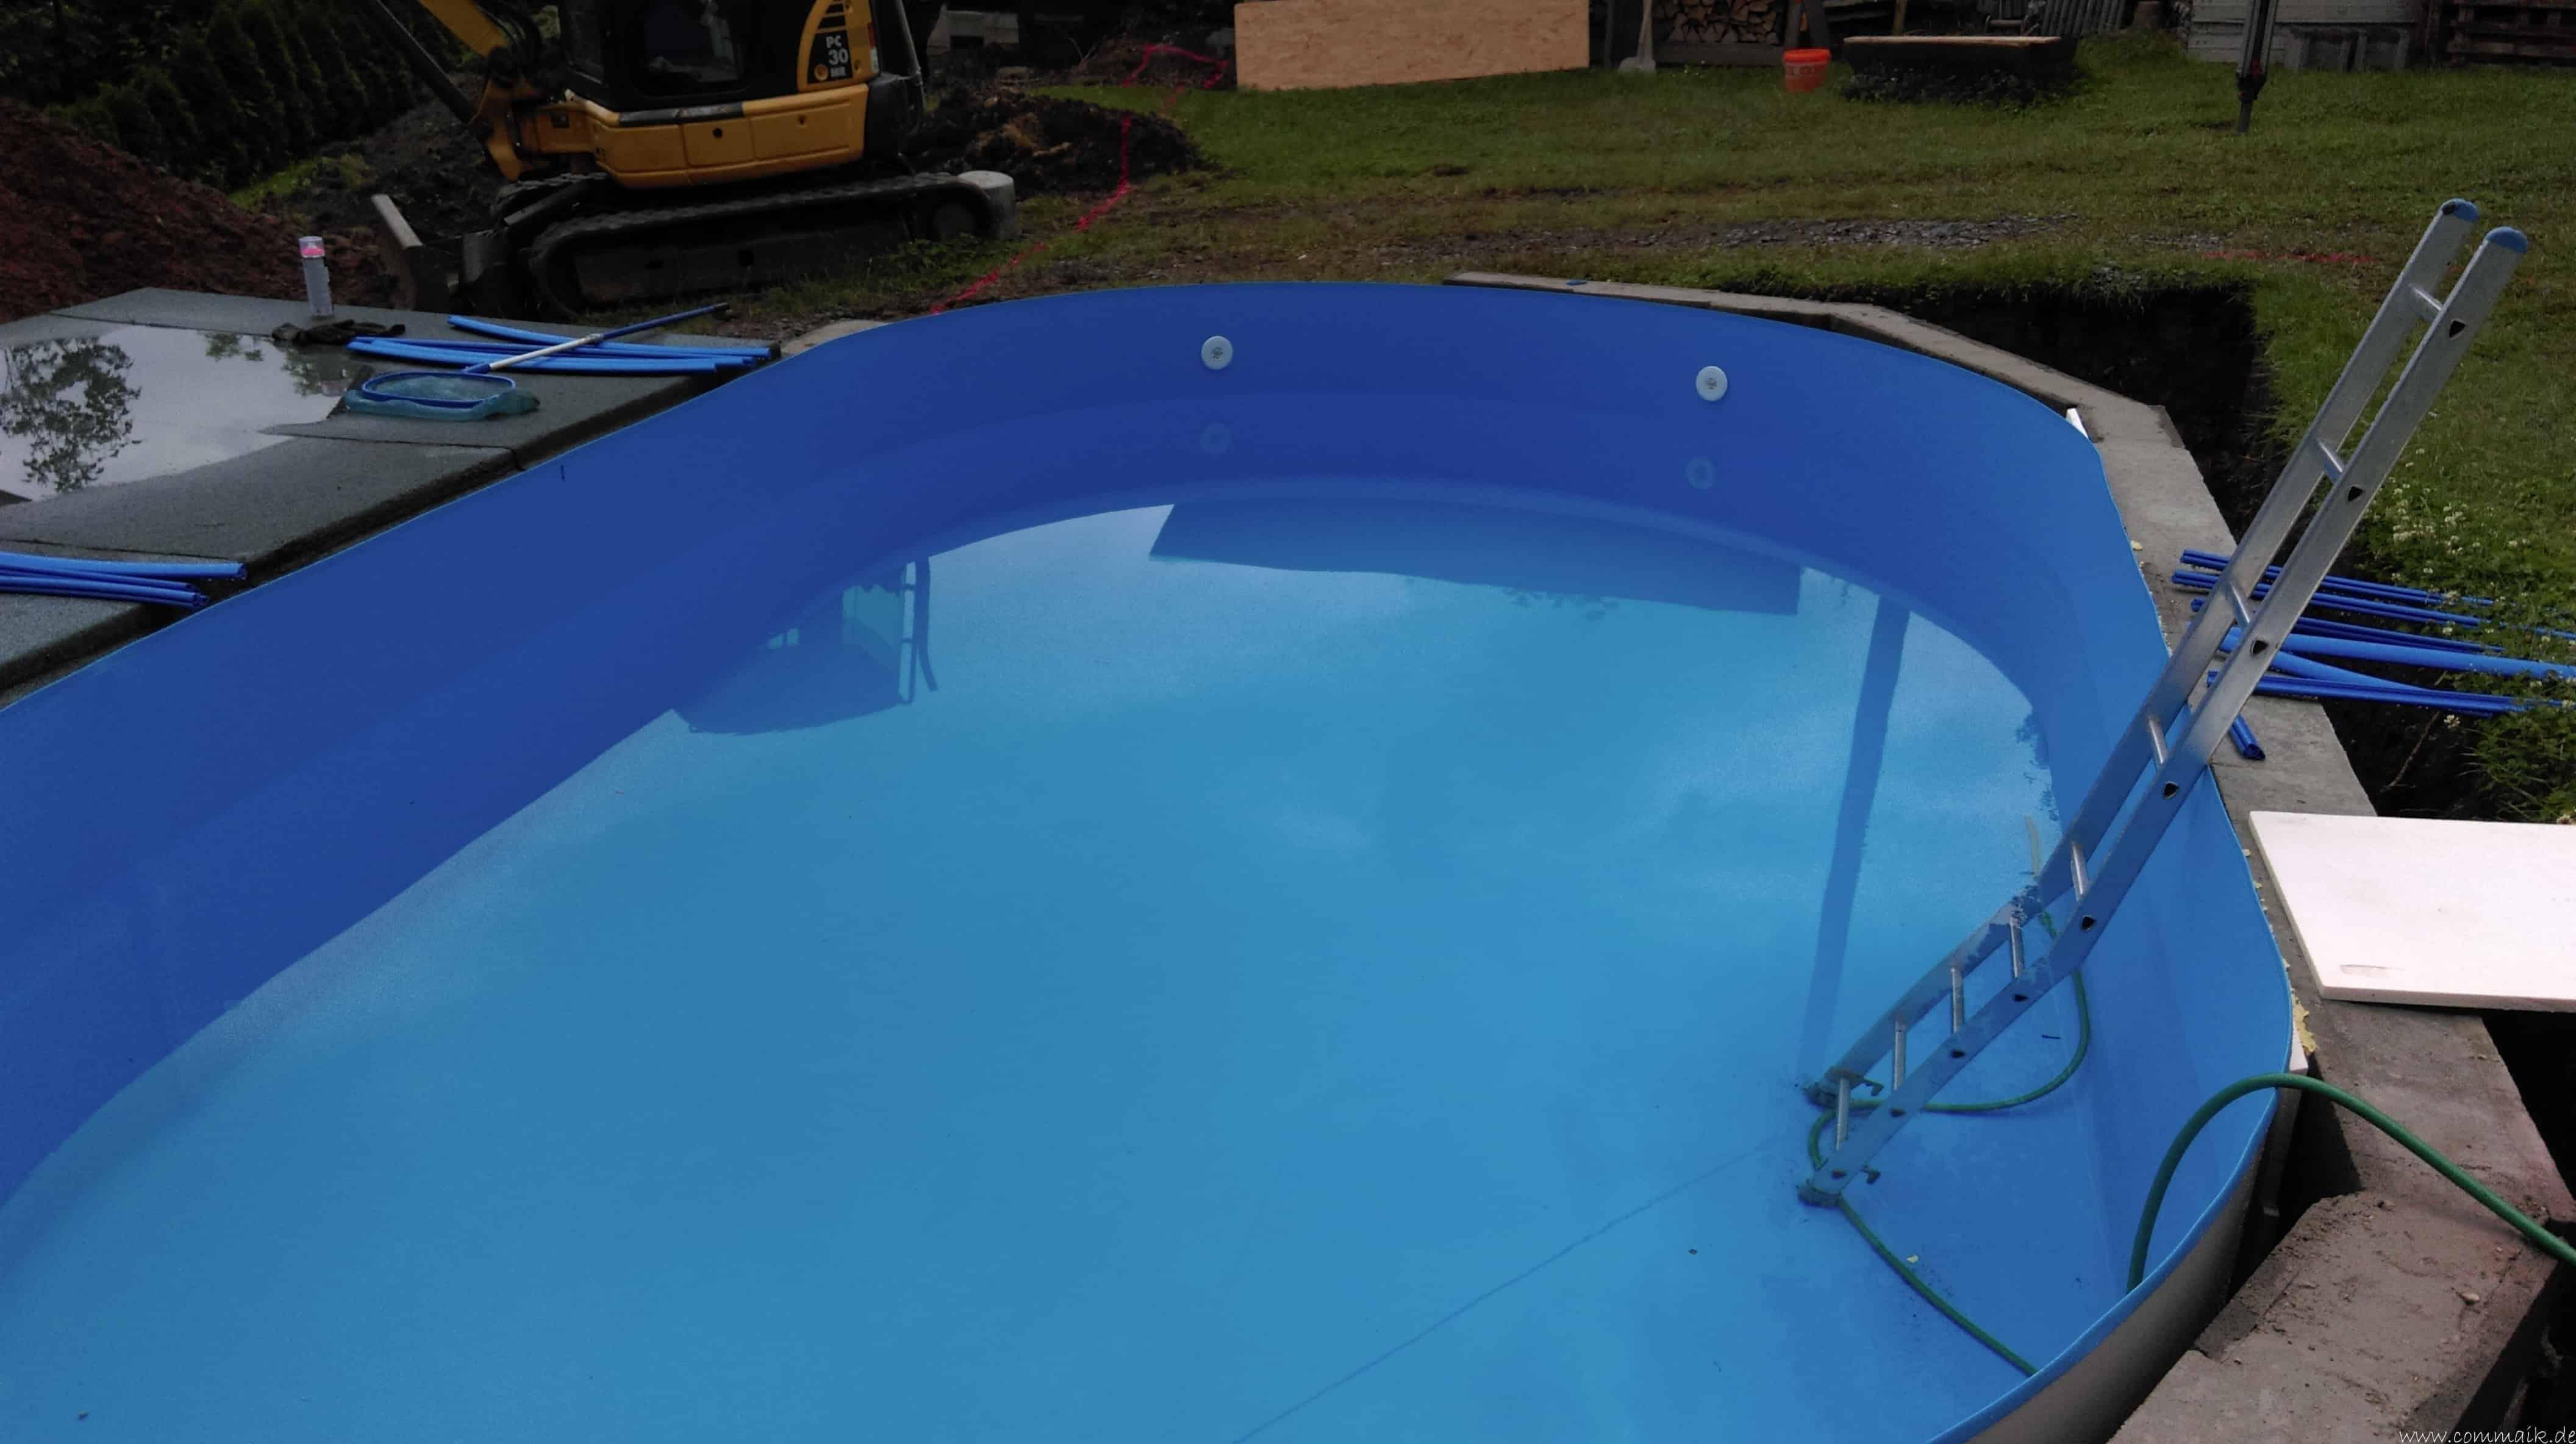 projekt poolbau einbau von skimmer d sen und dem unterwasserscheinwerfer commaik. Black Bedroom Furniture Sets. Home Design Ideas